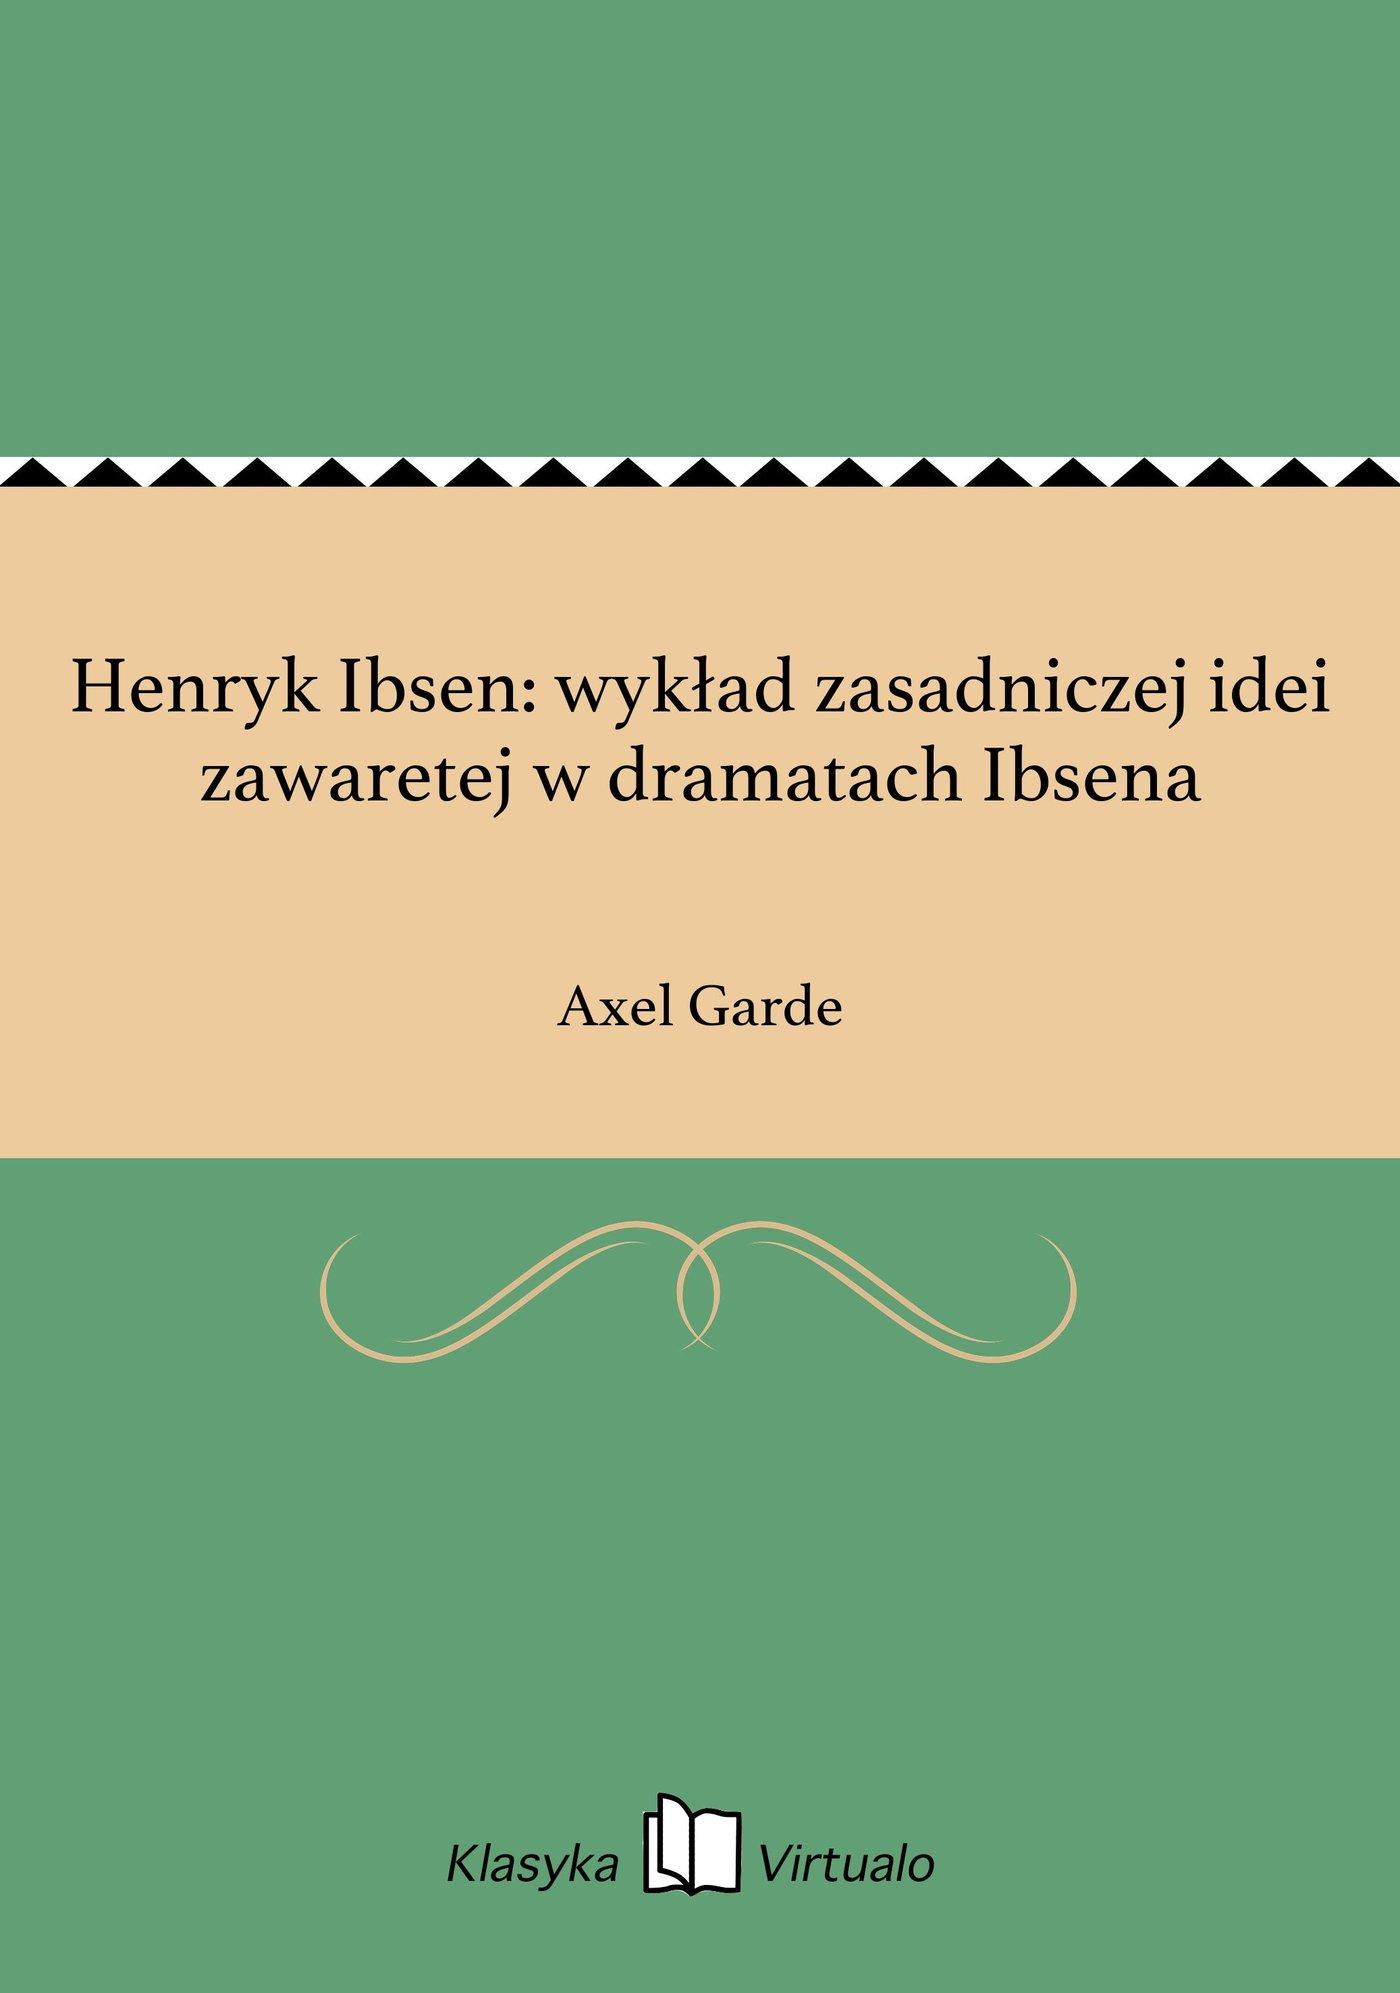 Henryk Ibsen: wykład zasadniczej idei zawaretej w dramatach Ibsena - Ebook (Książka EPUB) do pobrania w formacie EPUB